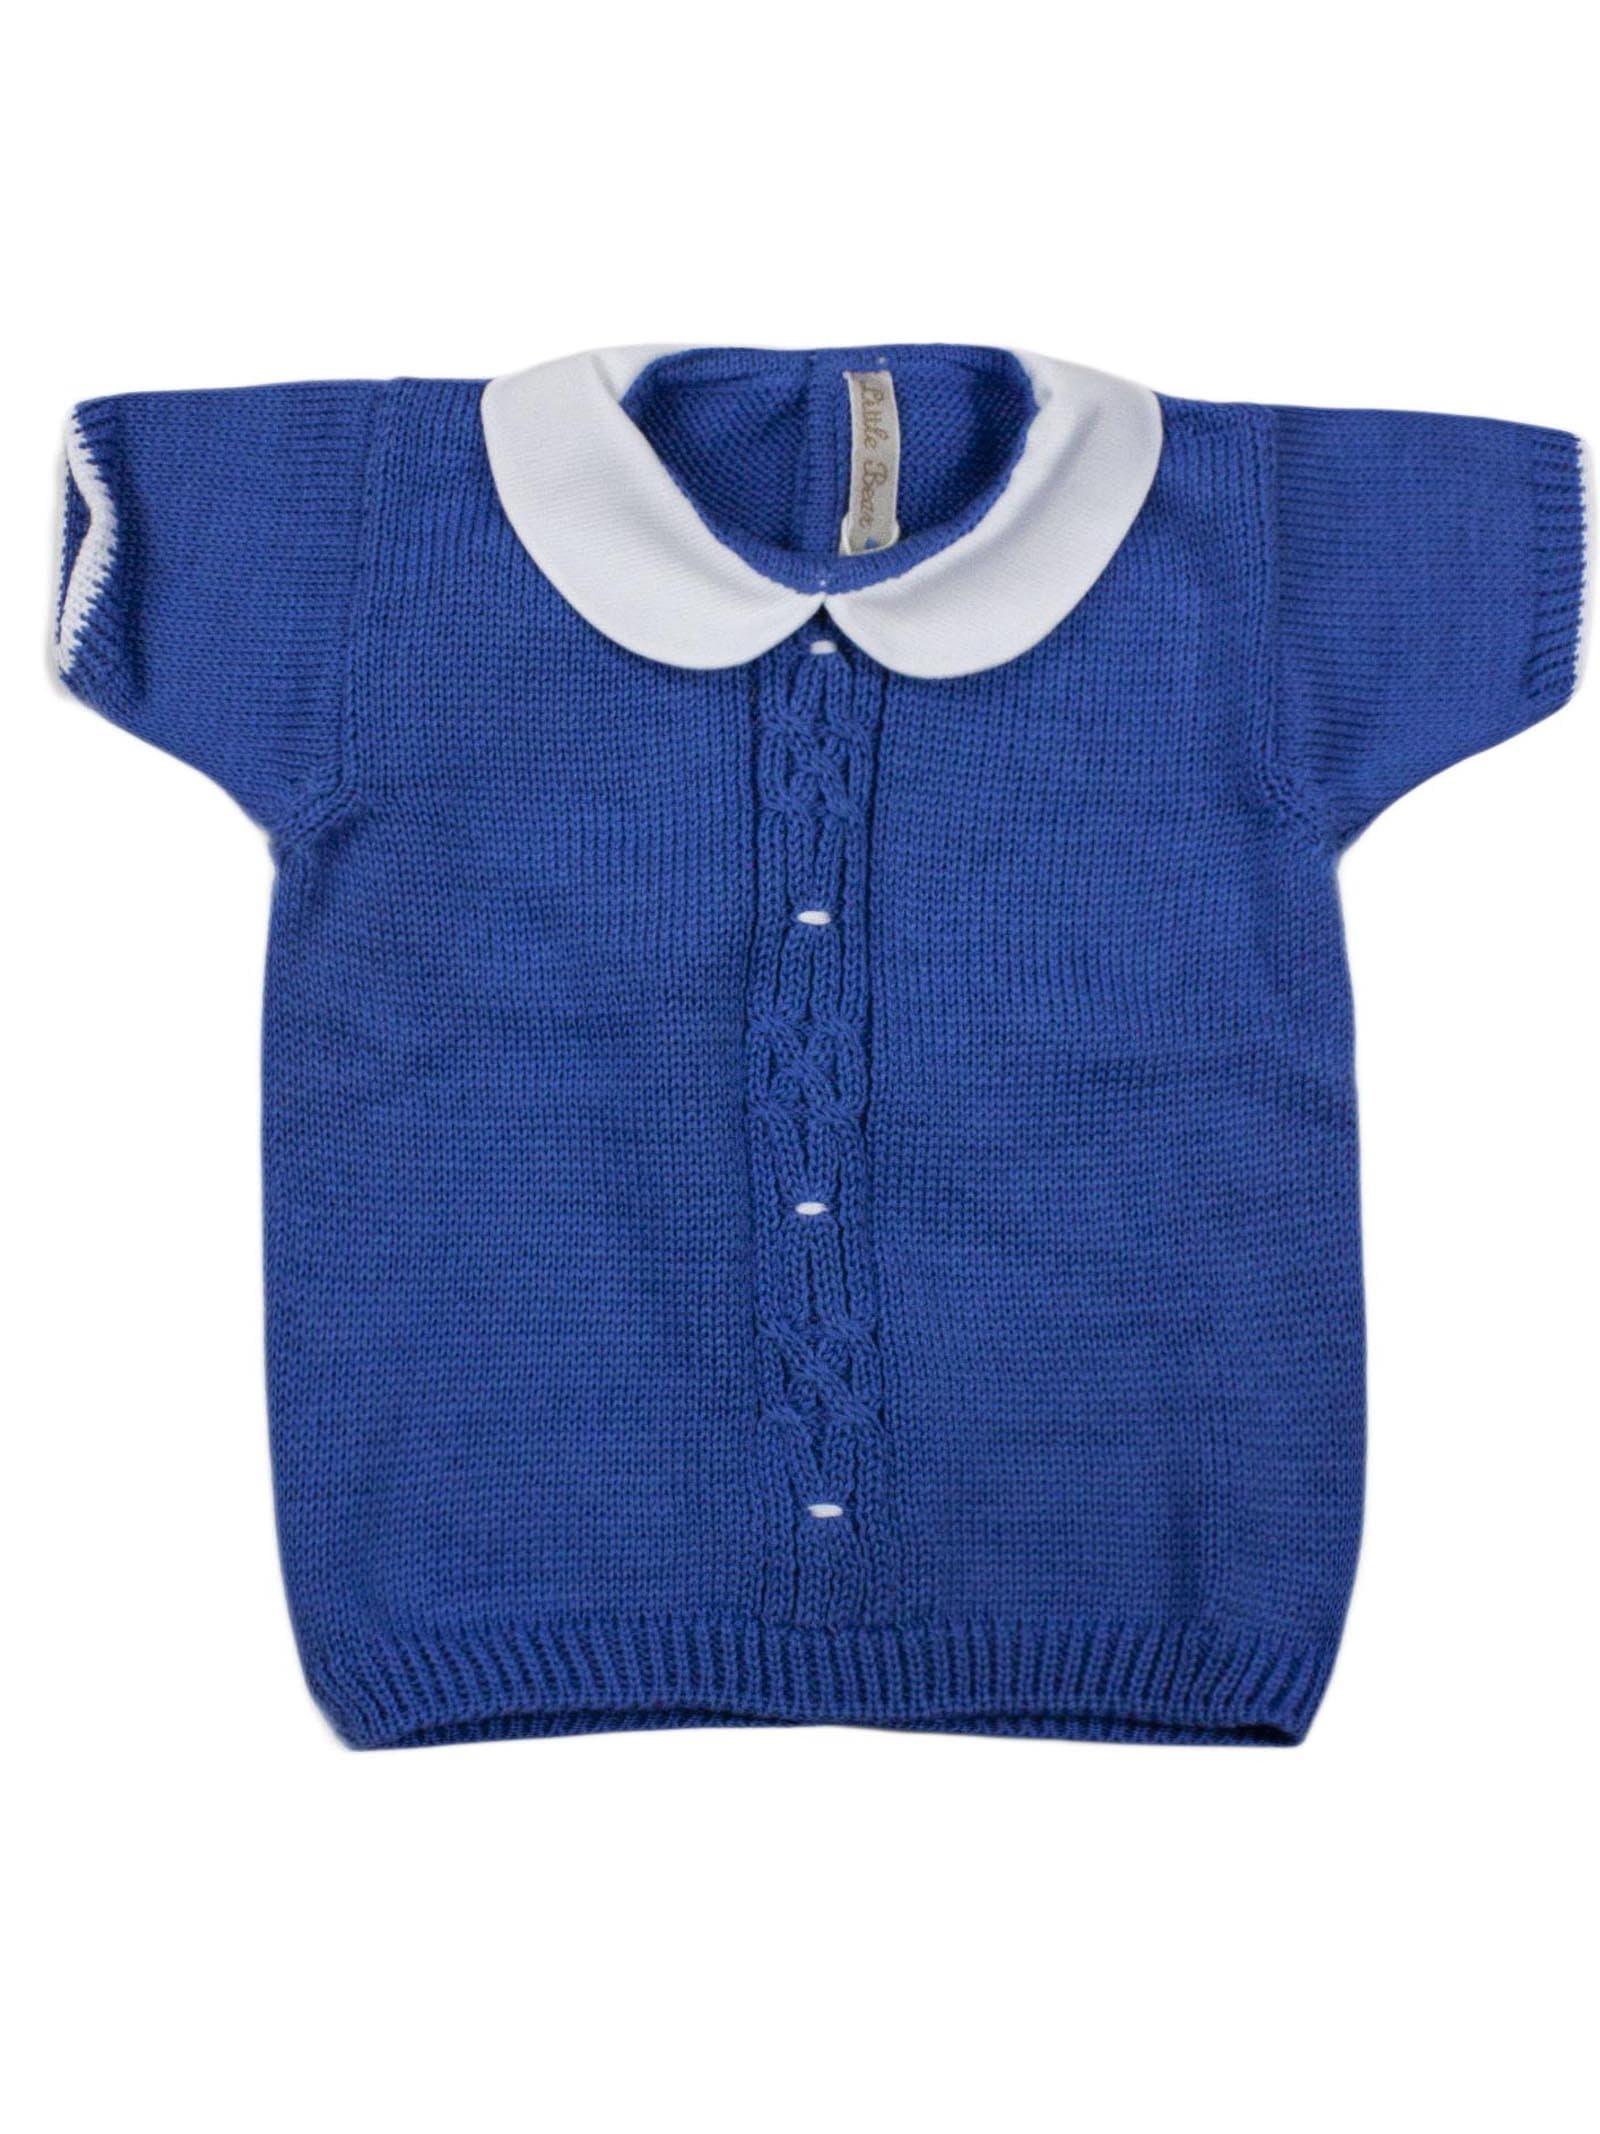 Little Bear Blue Cotton Sweater